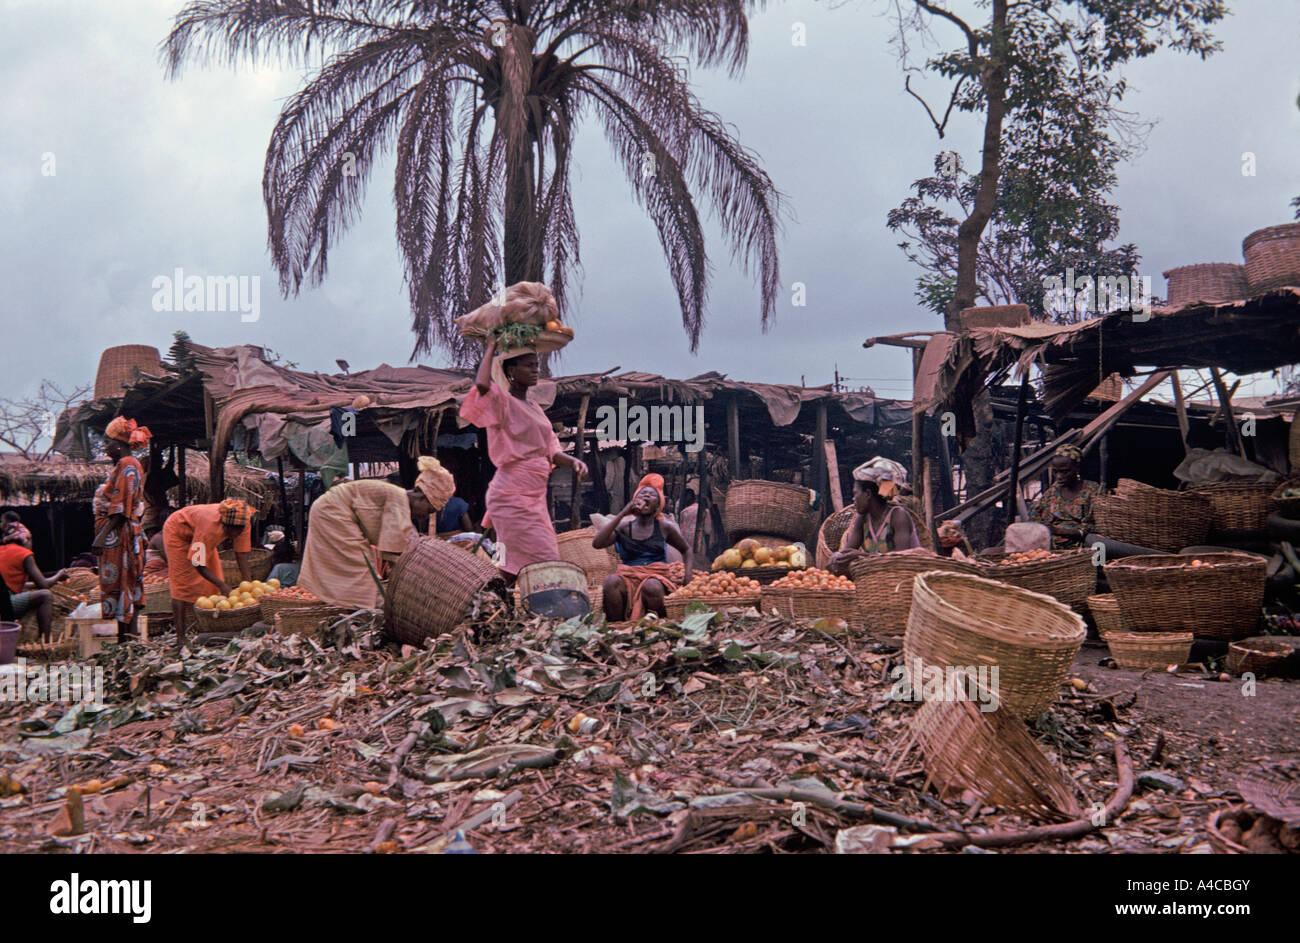 Local market in Lagos Nigeria - Stock Image